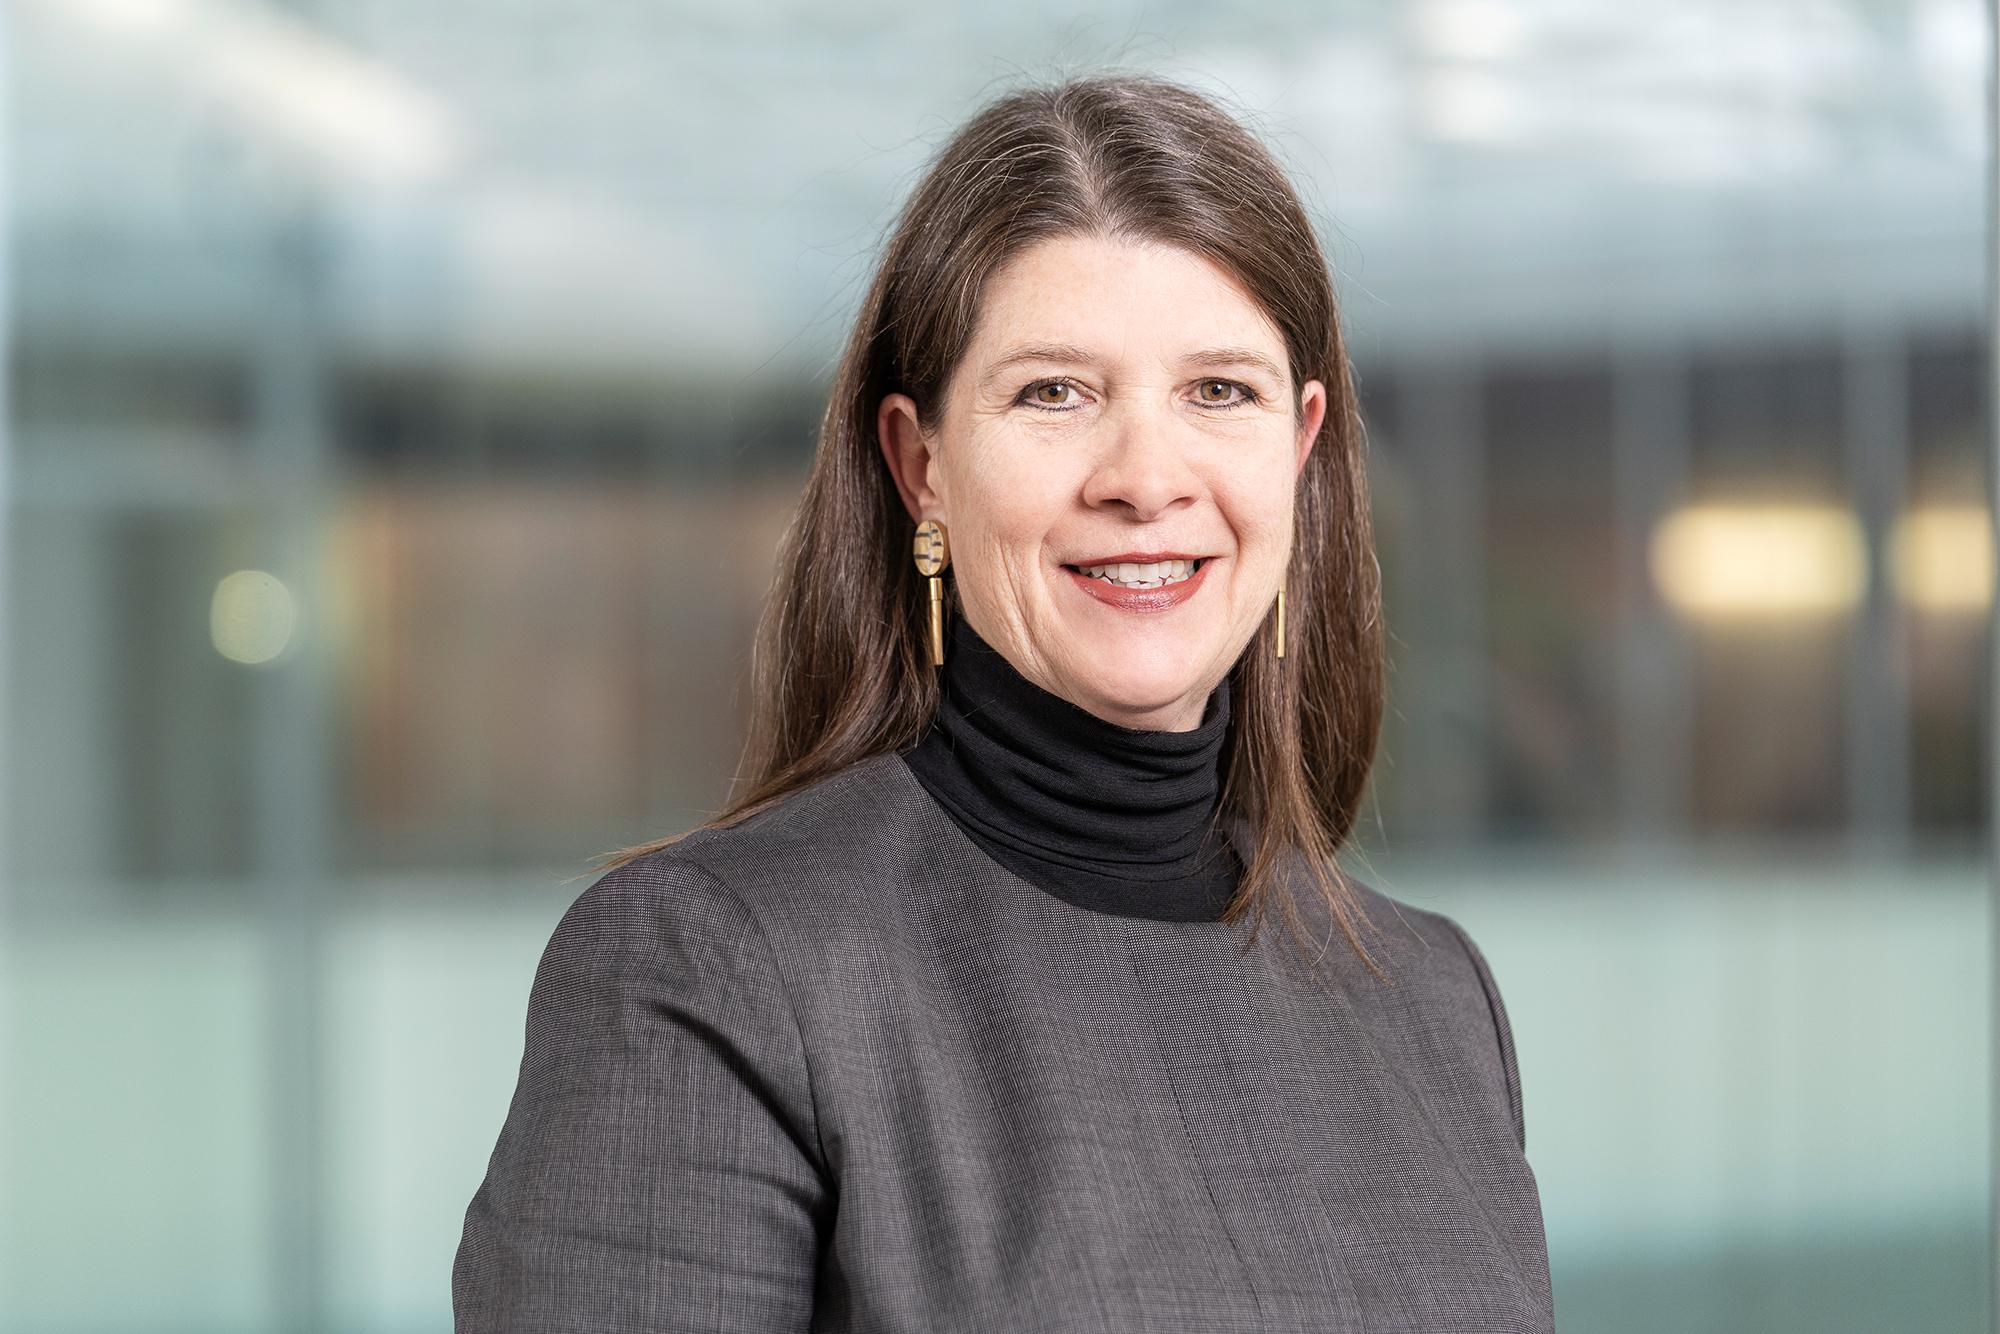 Claudia Gietz Viehweger